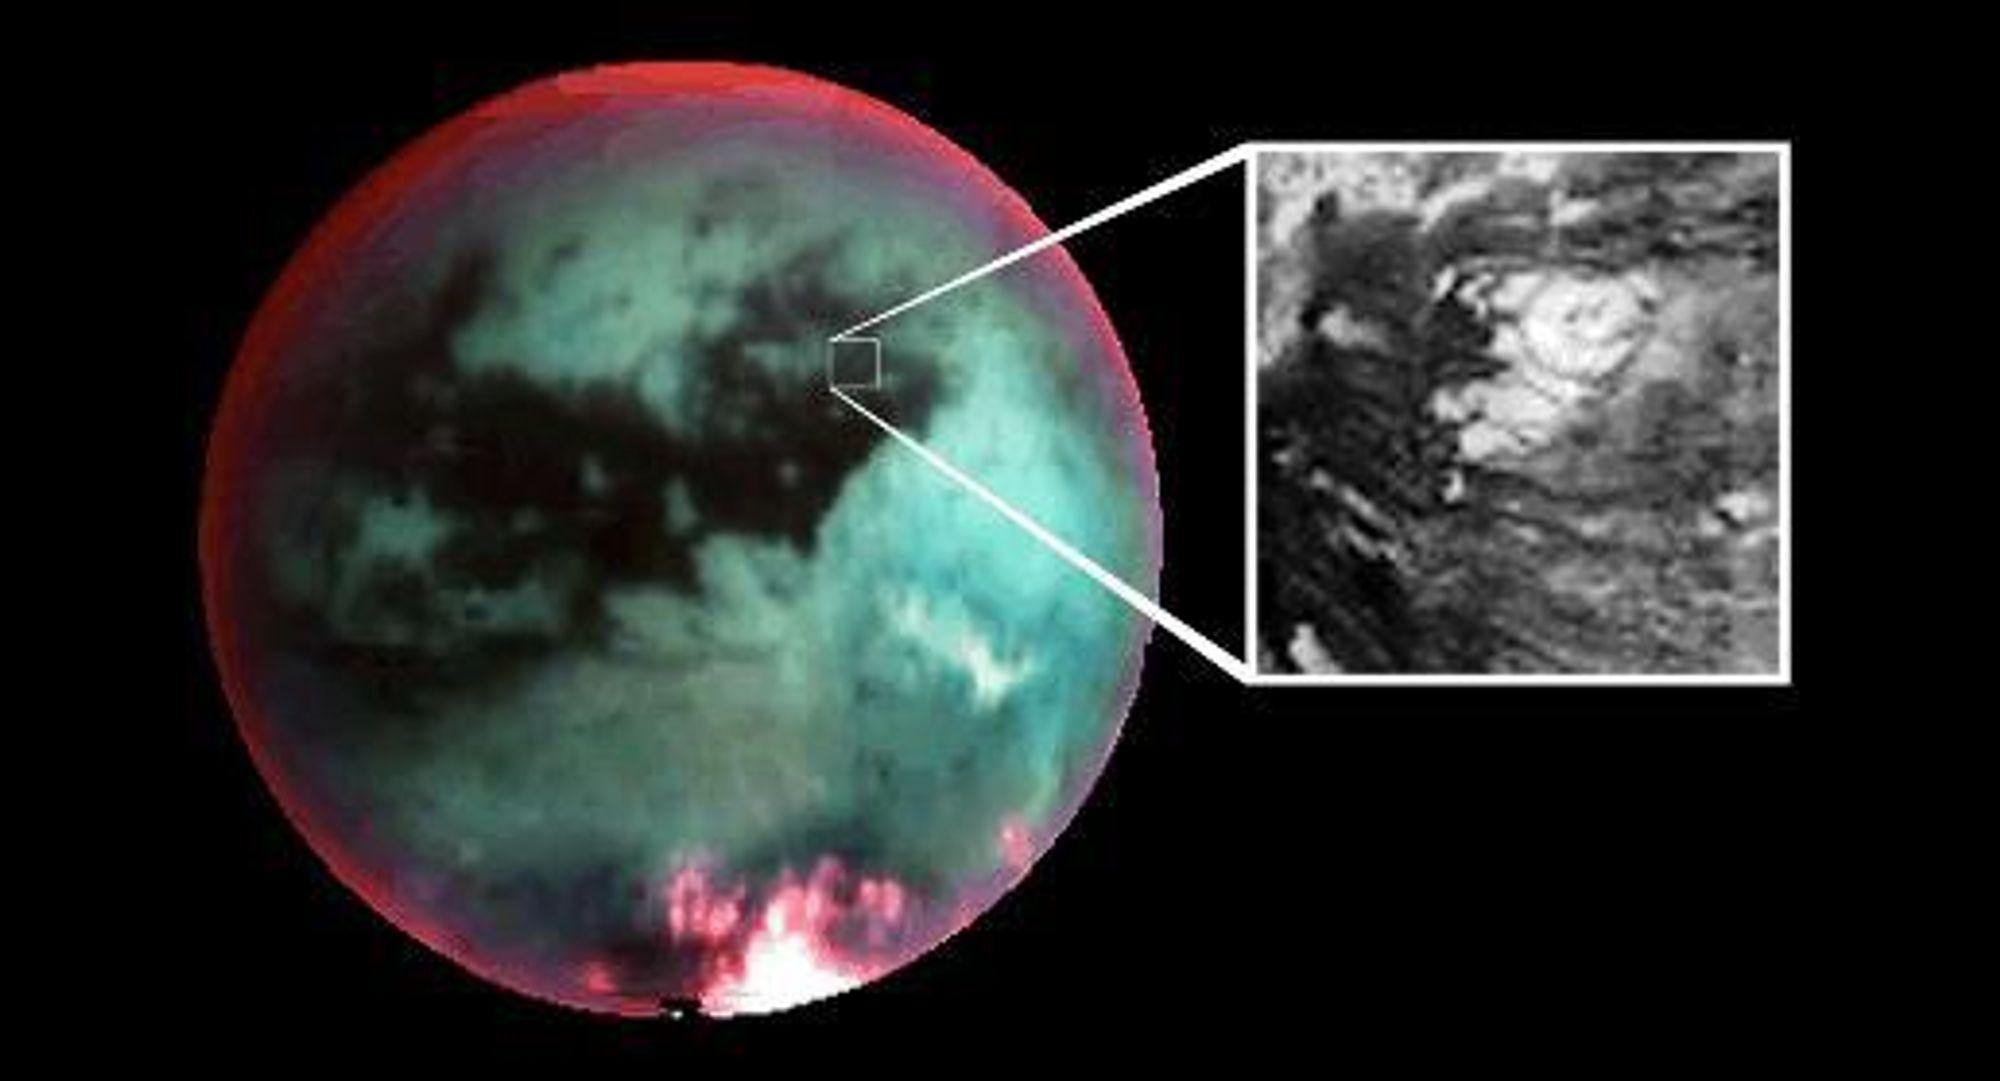 IS: Forskerne som studerer bildene fra Titan er kommet fram til at bildet mest sannsynlig viser en isvulkan på Titan.